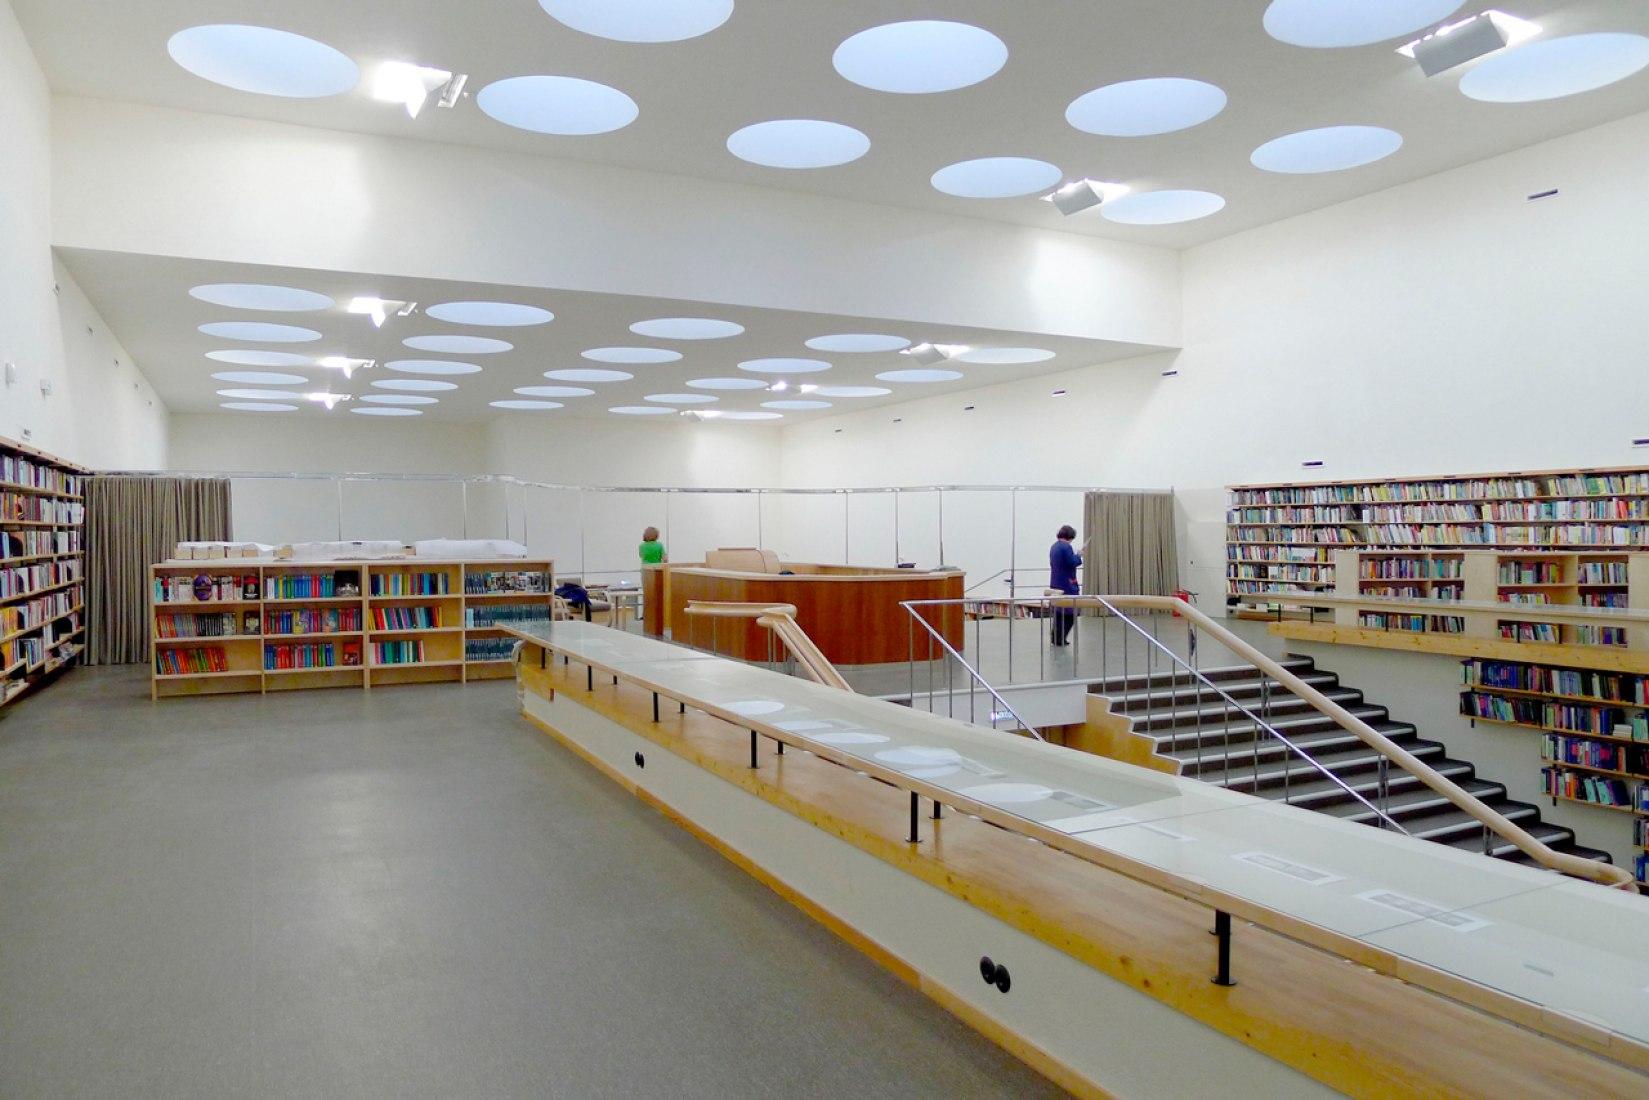 Sala de prestamo, 2013. Imagen cortesía del Comité Finlandés para la Restauración de la Biblioteca Viipuri y Petri Neuvonen. Señala encima de la imagen para verla más grande.